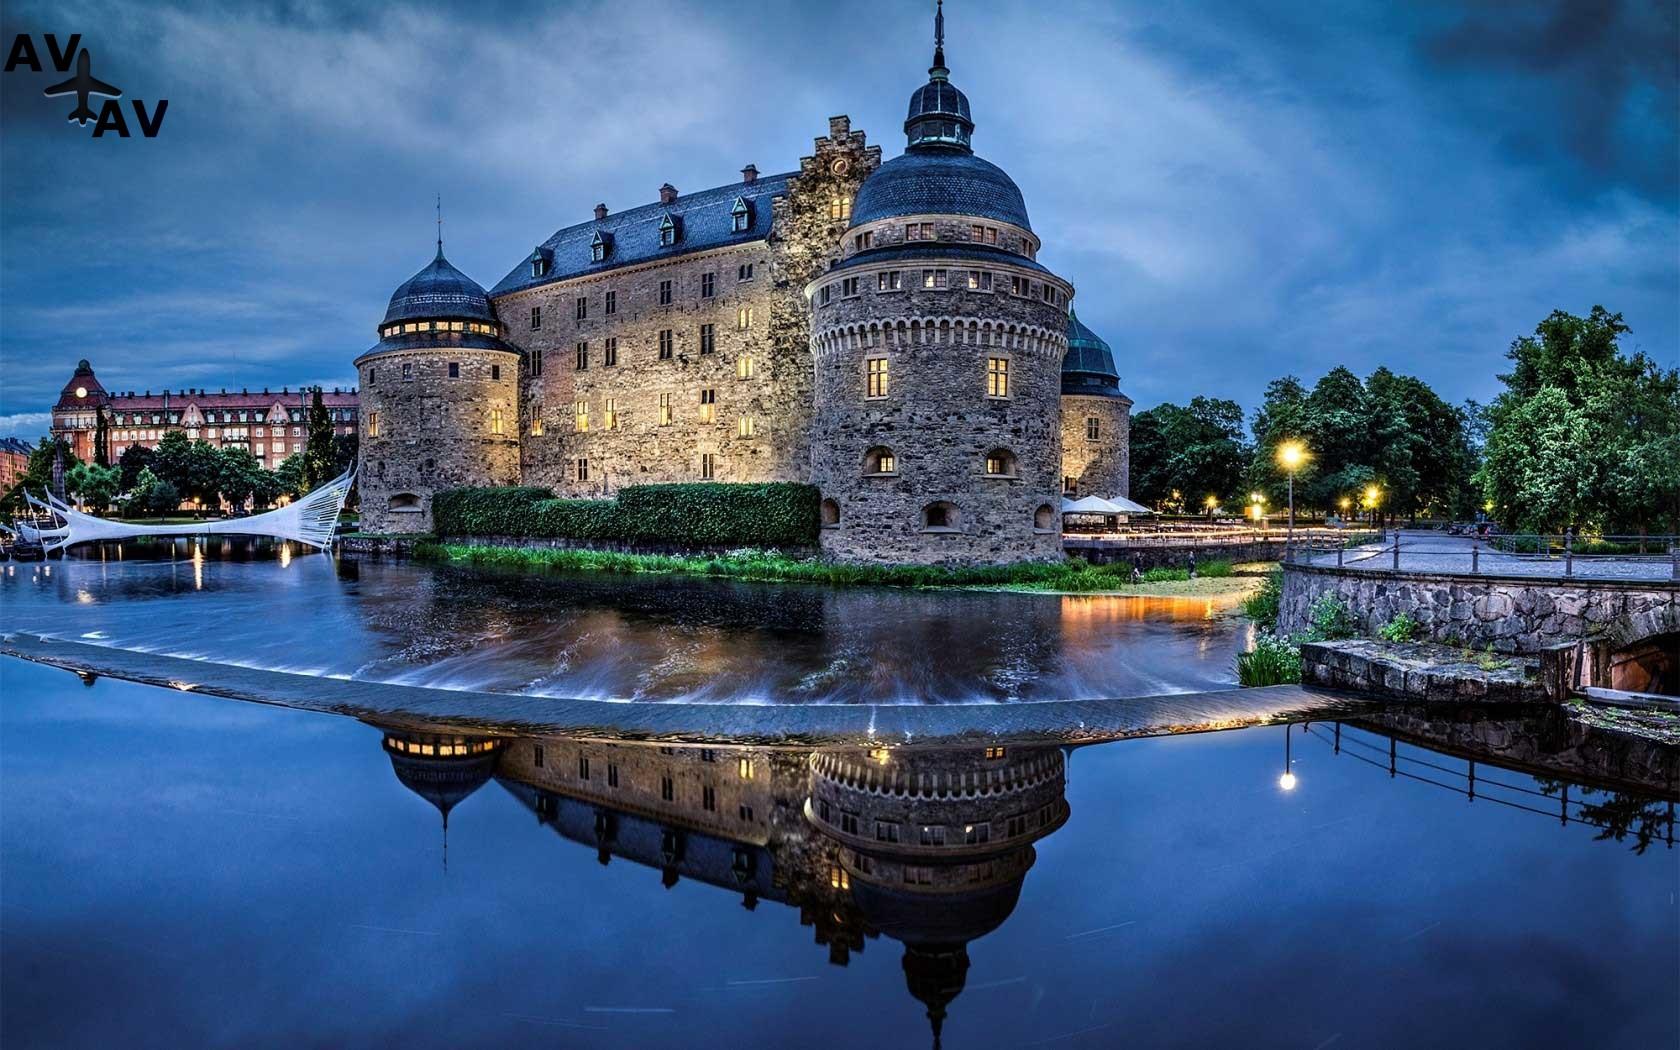 Prekrasnyiy otdyih i krasivyie mesta v SHvetsii - Прекрасный отдых и красивые места в Швеции